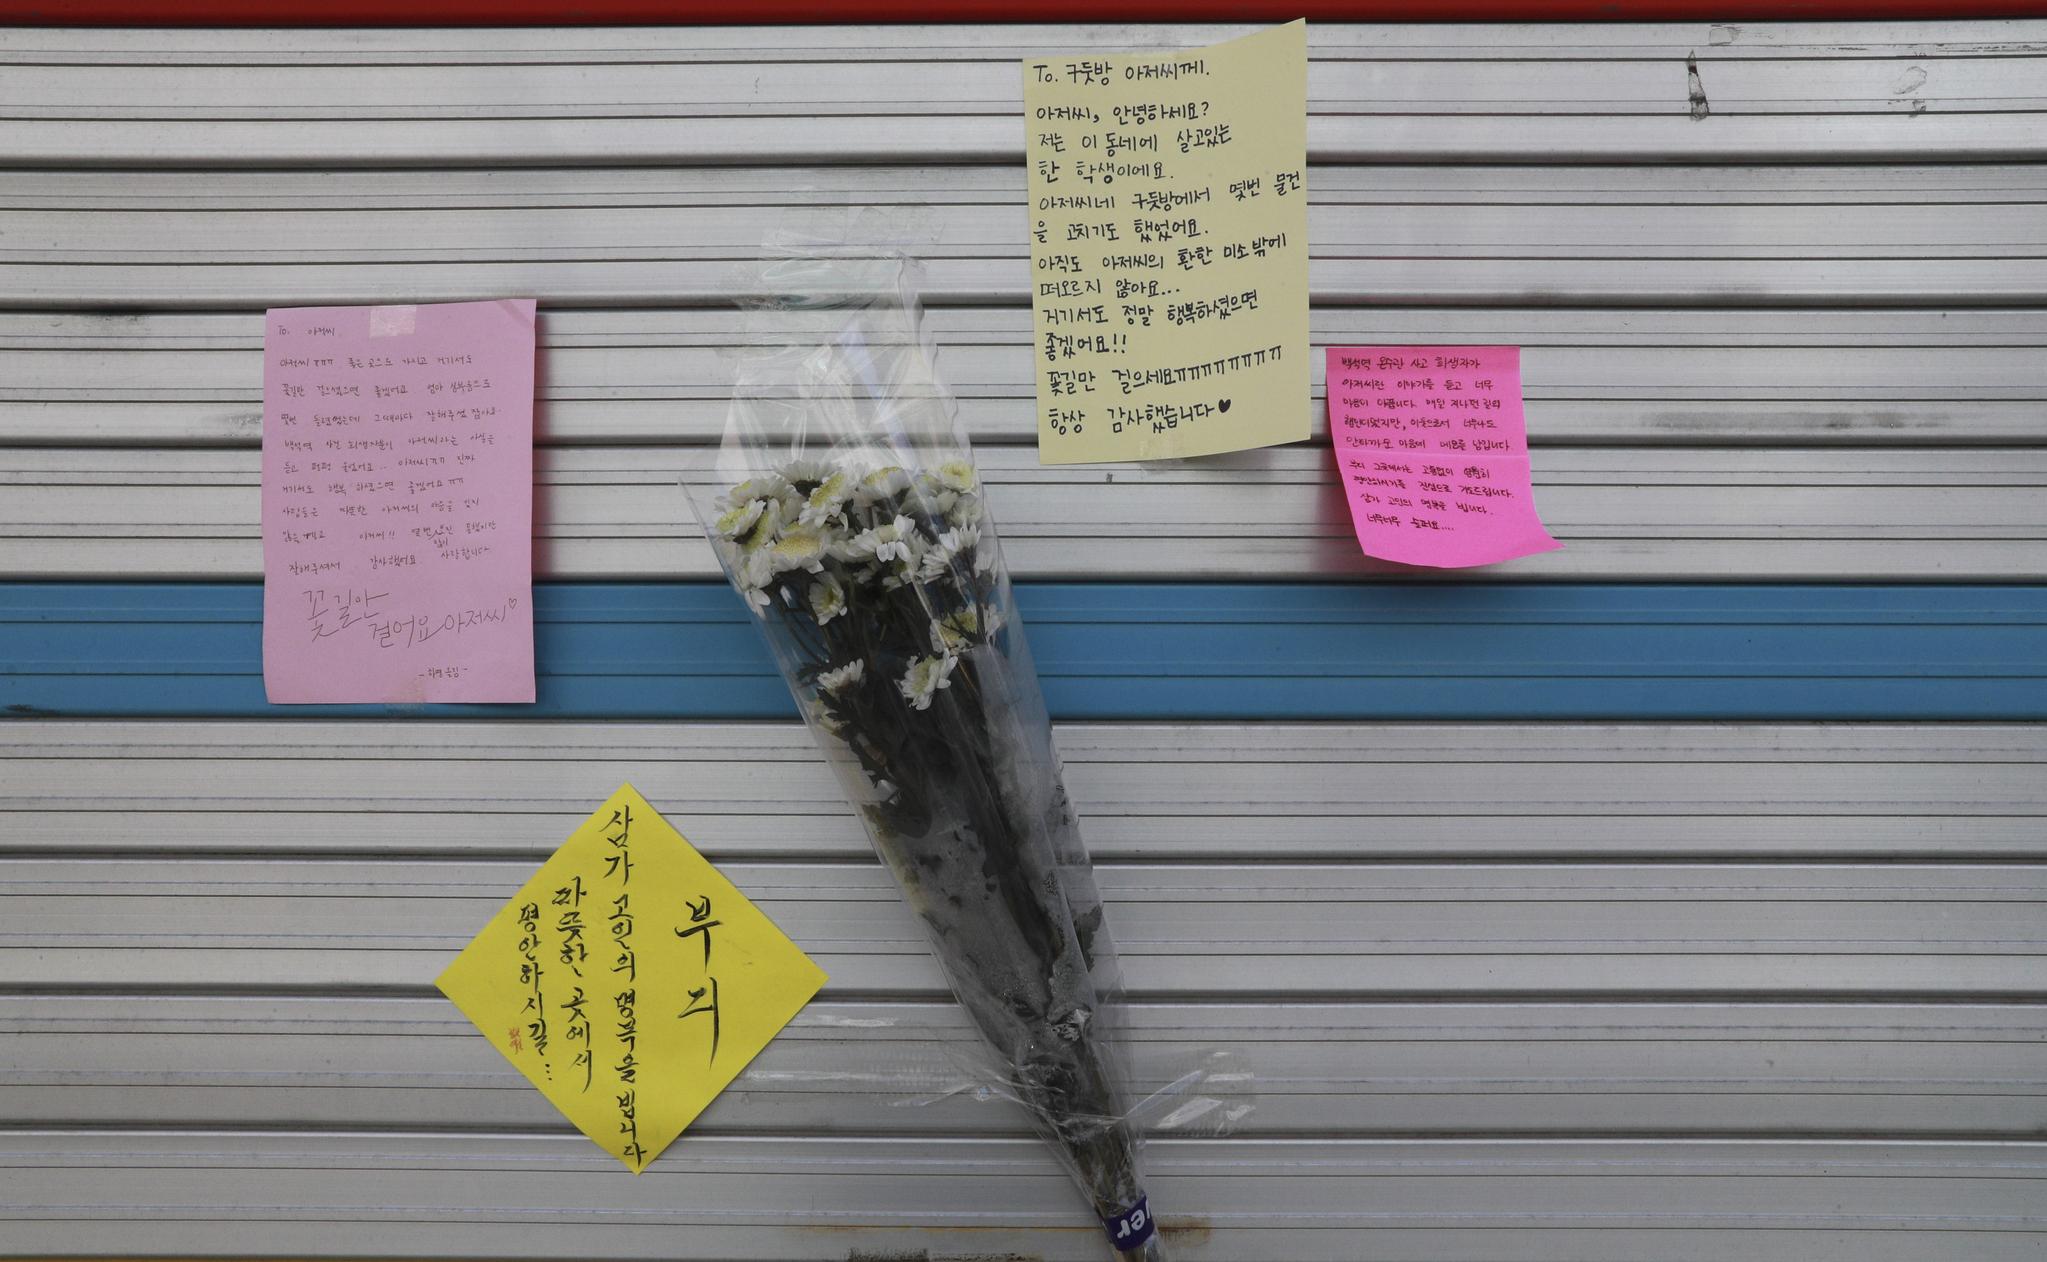 백석역 온수관 파열 사고 희생자 송모(69) 씨가 운영하던 구두수선소에 시민들의 추모 꽃다발과 애도의 글이 붙었다. 임현동 기자